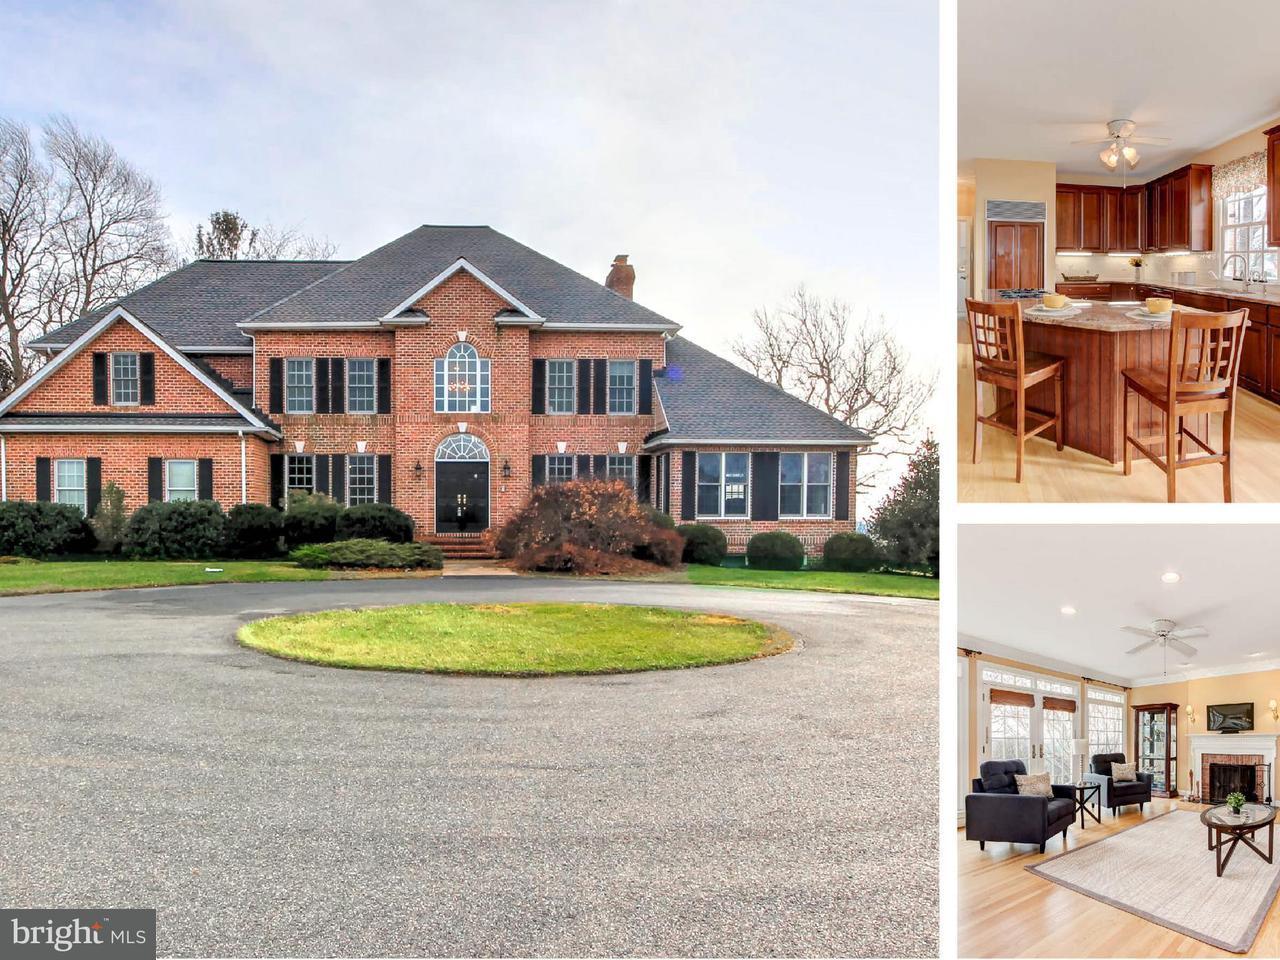 一戸建て のために 売買 アット 15 LAUREN KNOLL Court 15 LAUREN KNOLL Court Baldwin, メリーランド 21013 アメリカ合衆国